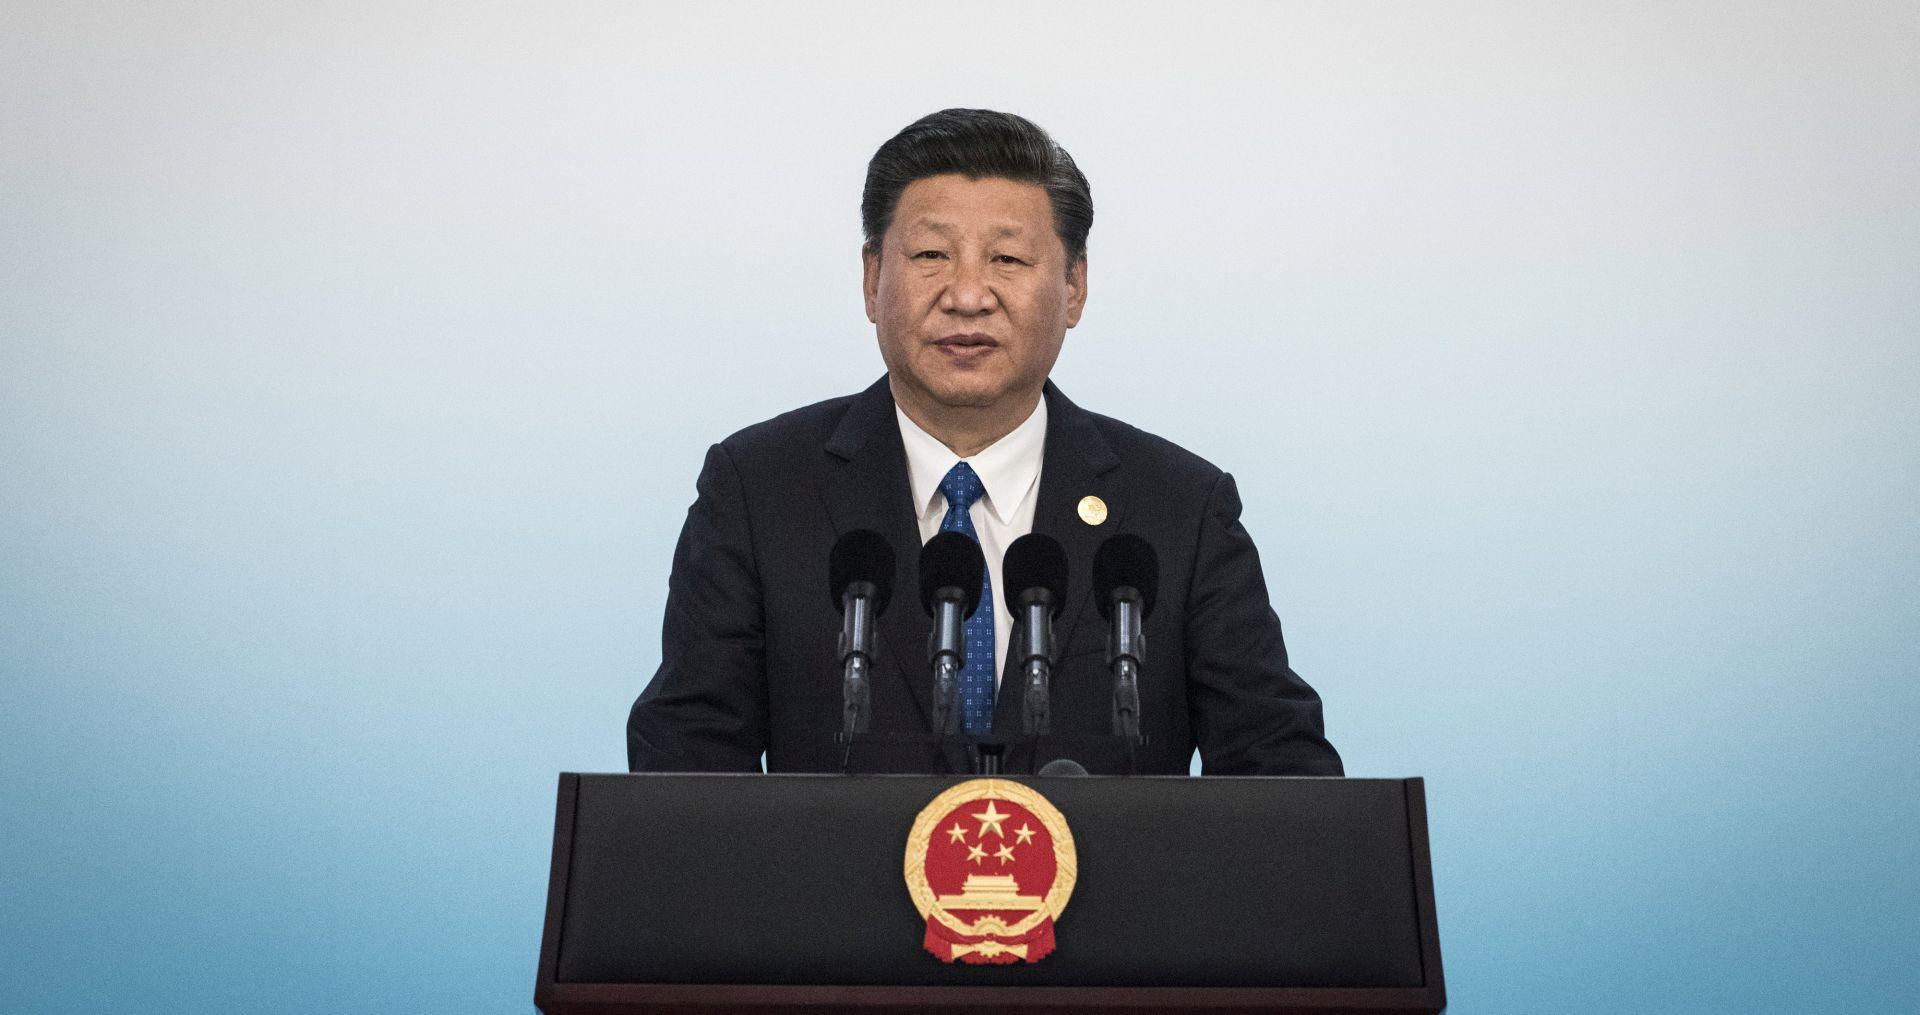 VIDEO Xi postao najmoćniji kineski lider nakon Mao Zedonga